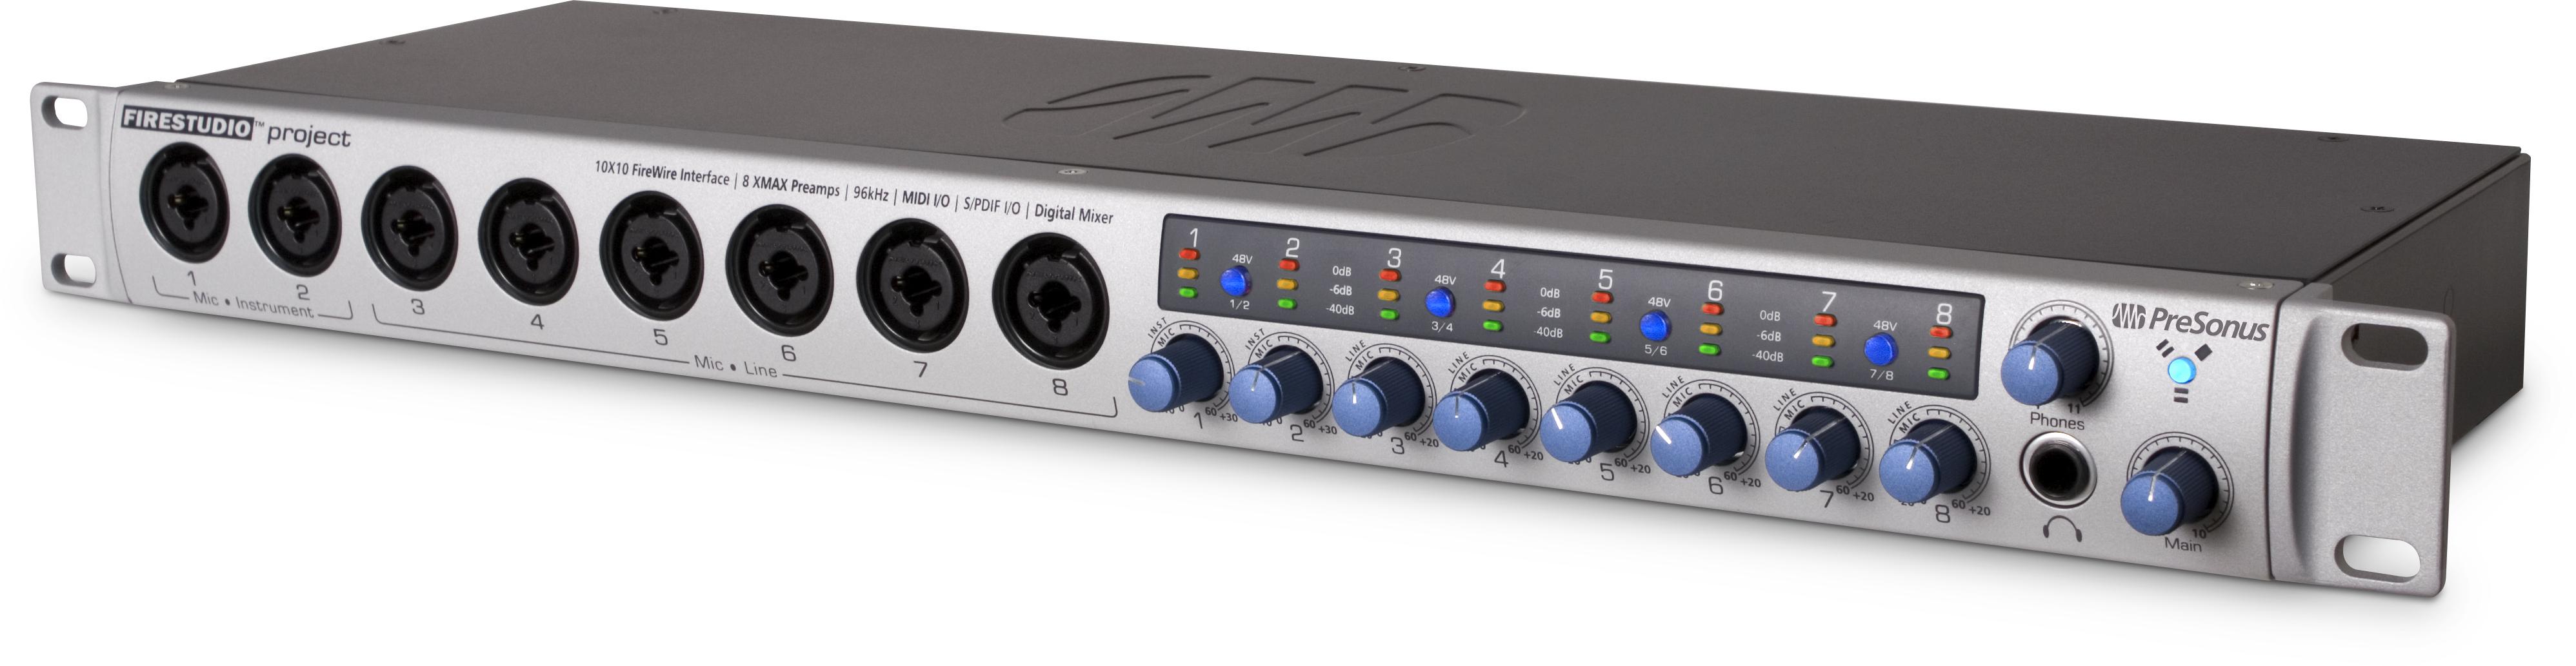 PreSonus FireStudio Project Audio Interface, FireWire